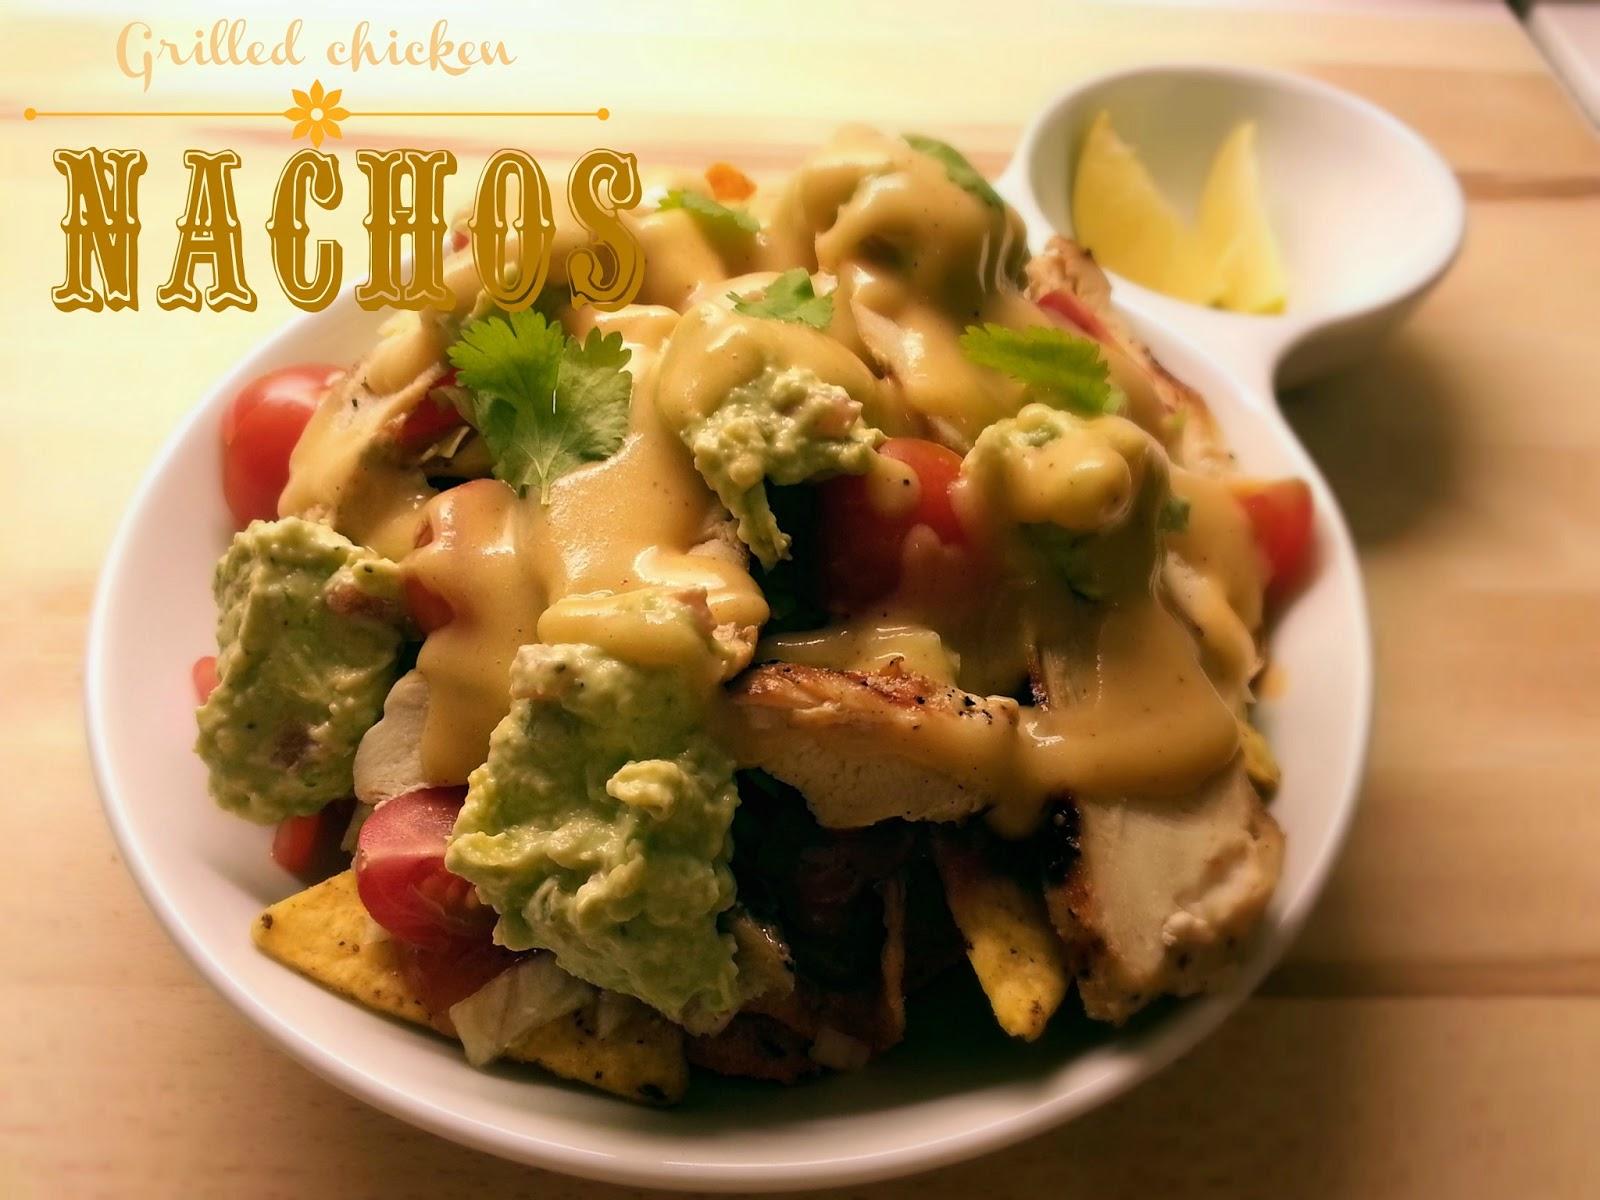 Easy Peasy Grilled chicken nachos